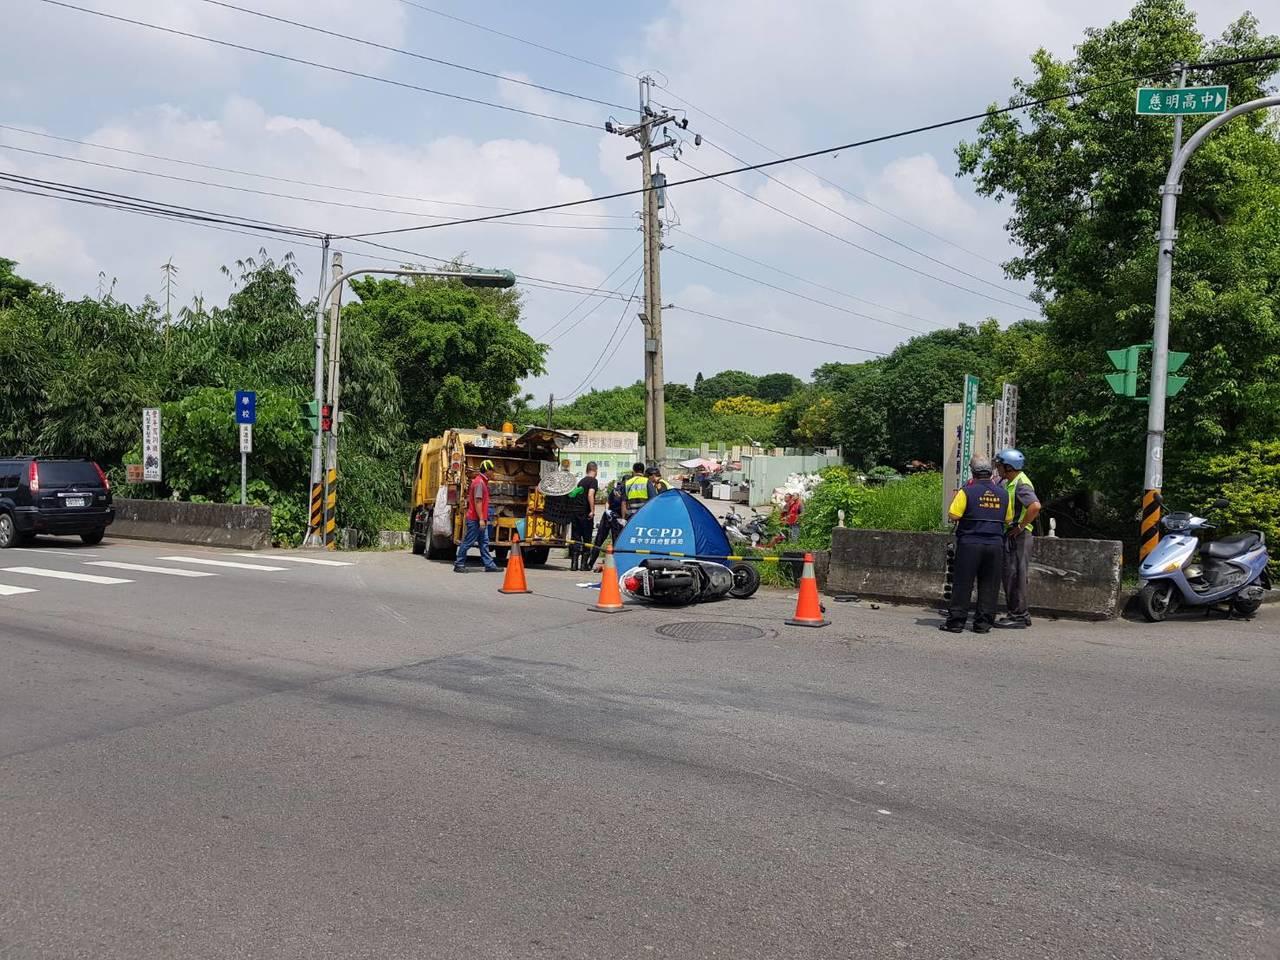 台中市太平區一輛垃圾車與機車碰撞,造成機車騎士當場死亡。圖/民眾提供